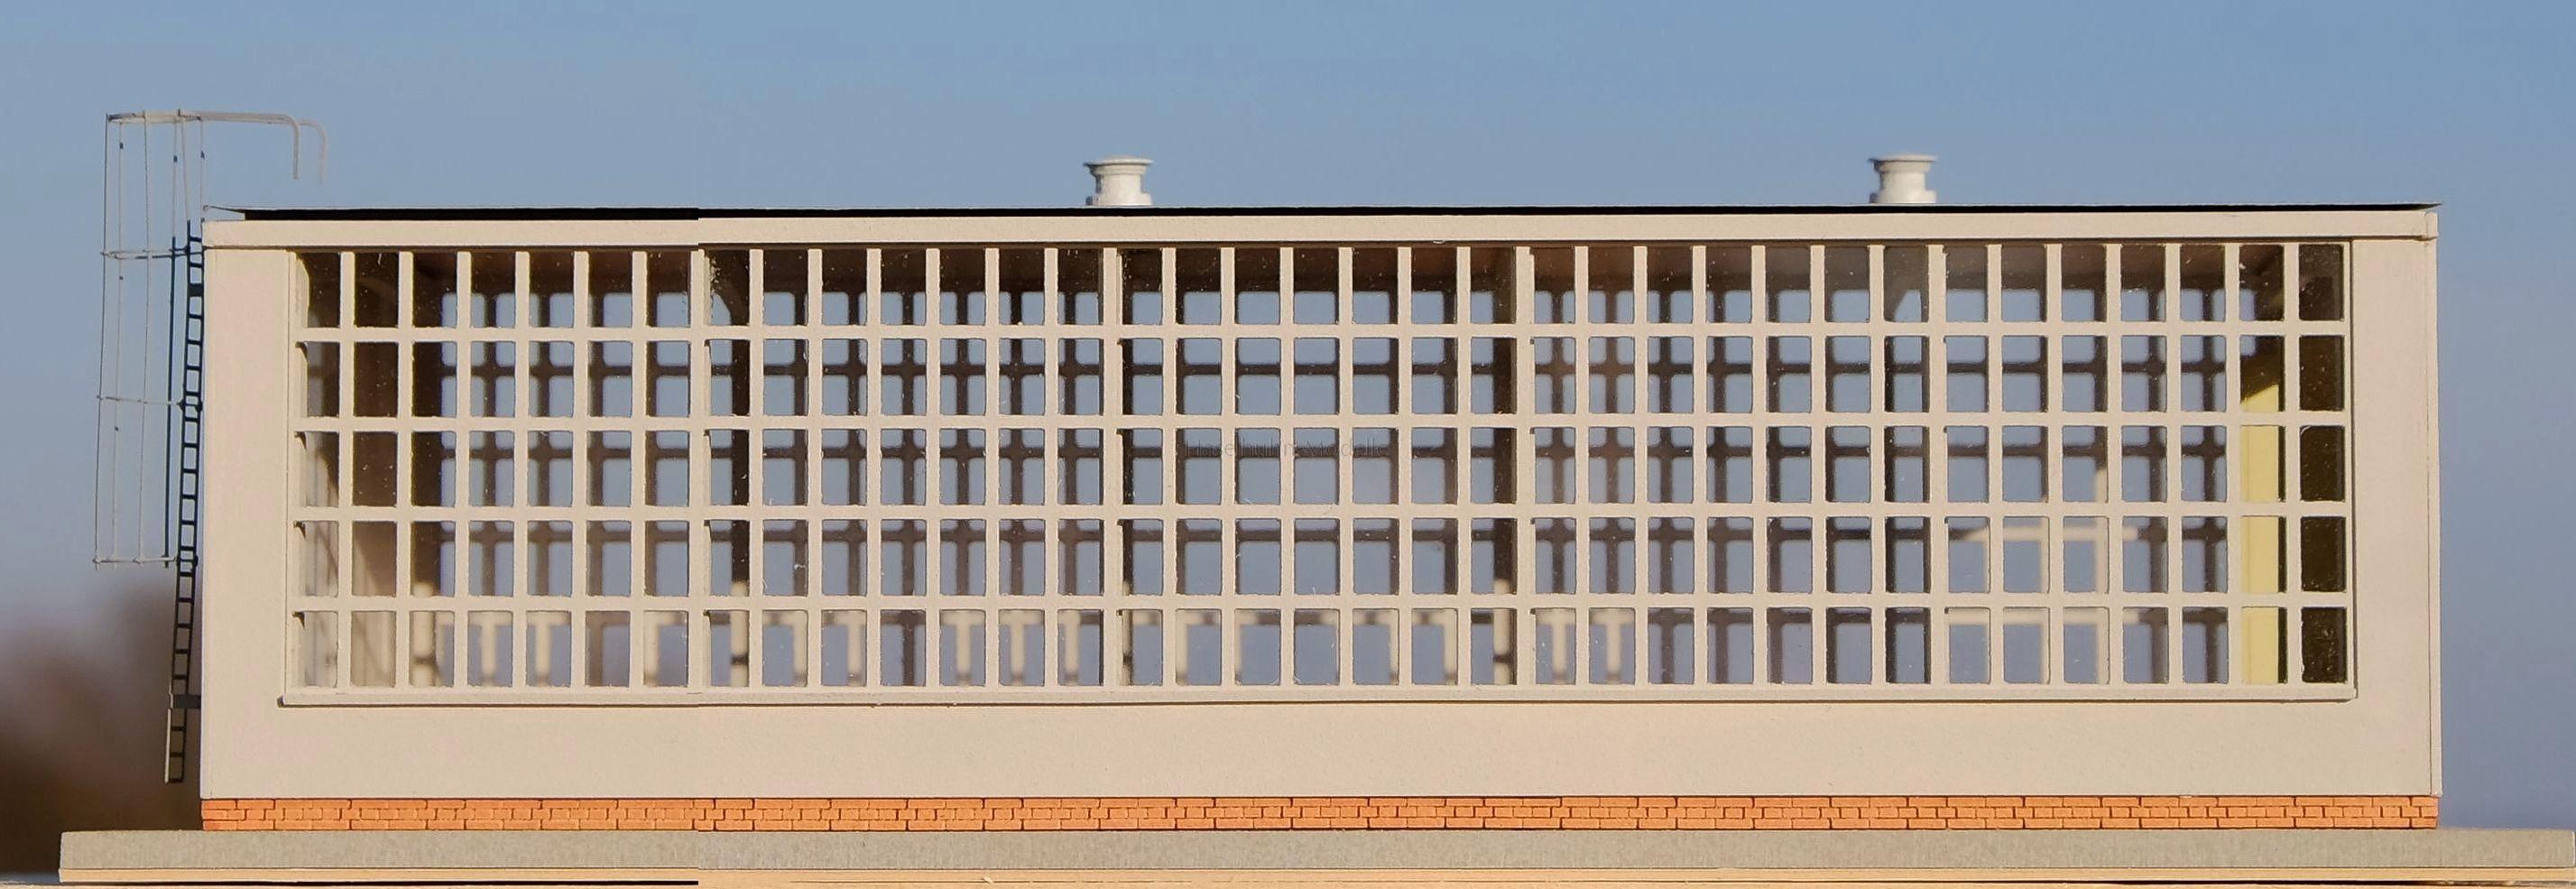 Lokhalle TT in verkürzter Ausführung, nach dem Vorbild im AW Chemnitz